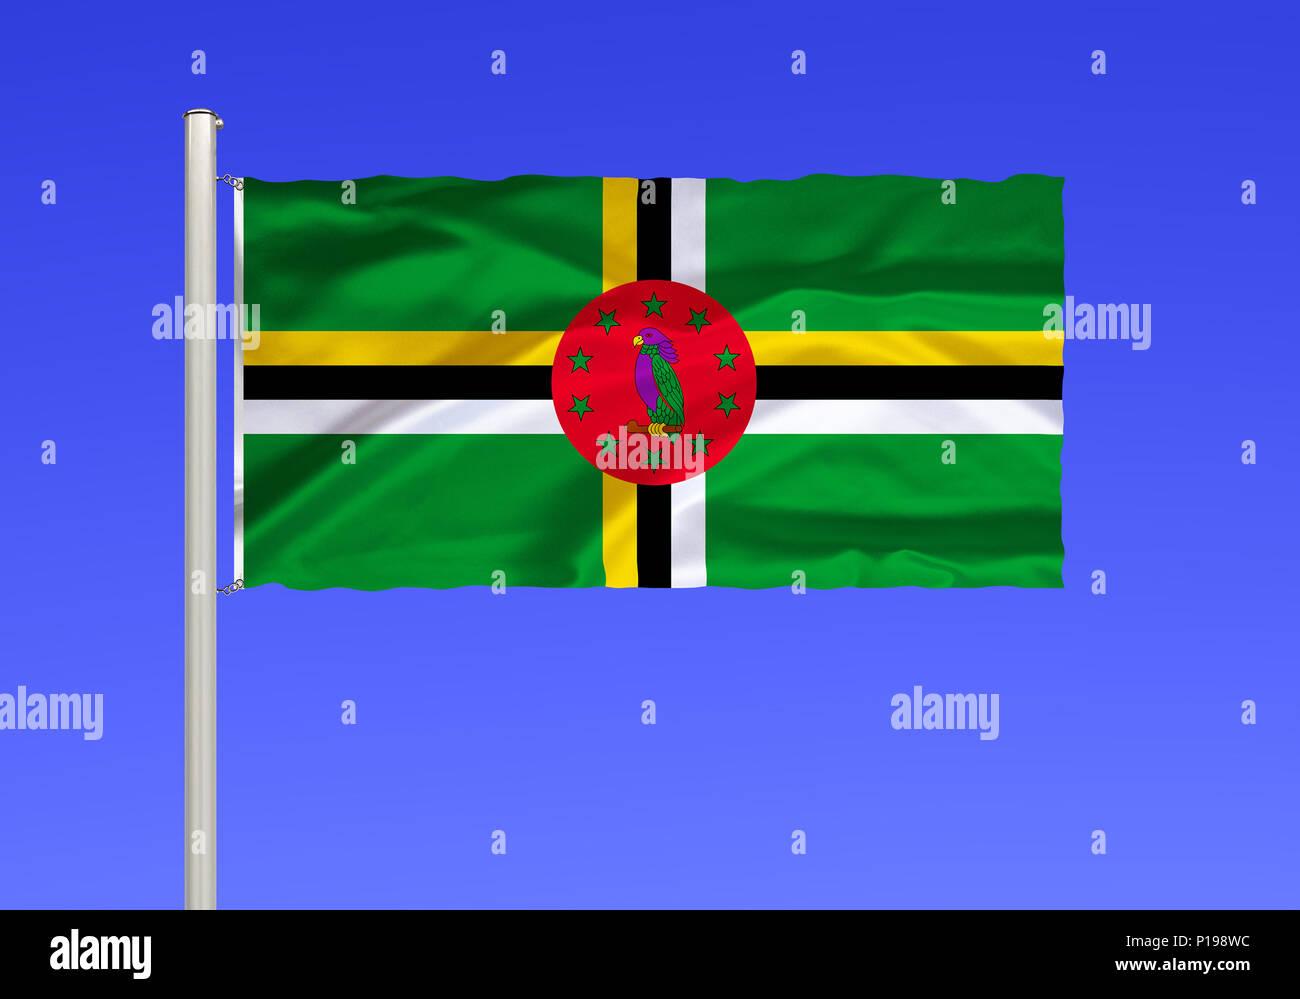 Pavillon de la Dominique, pays insulaire, Petites Antilles, des Caraïbes, de l'Est , Flagge von Dominique, Inselstaat, Kleine Antillen, oestliche Karibik, Banque D'Images